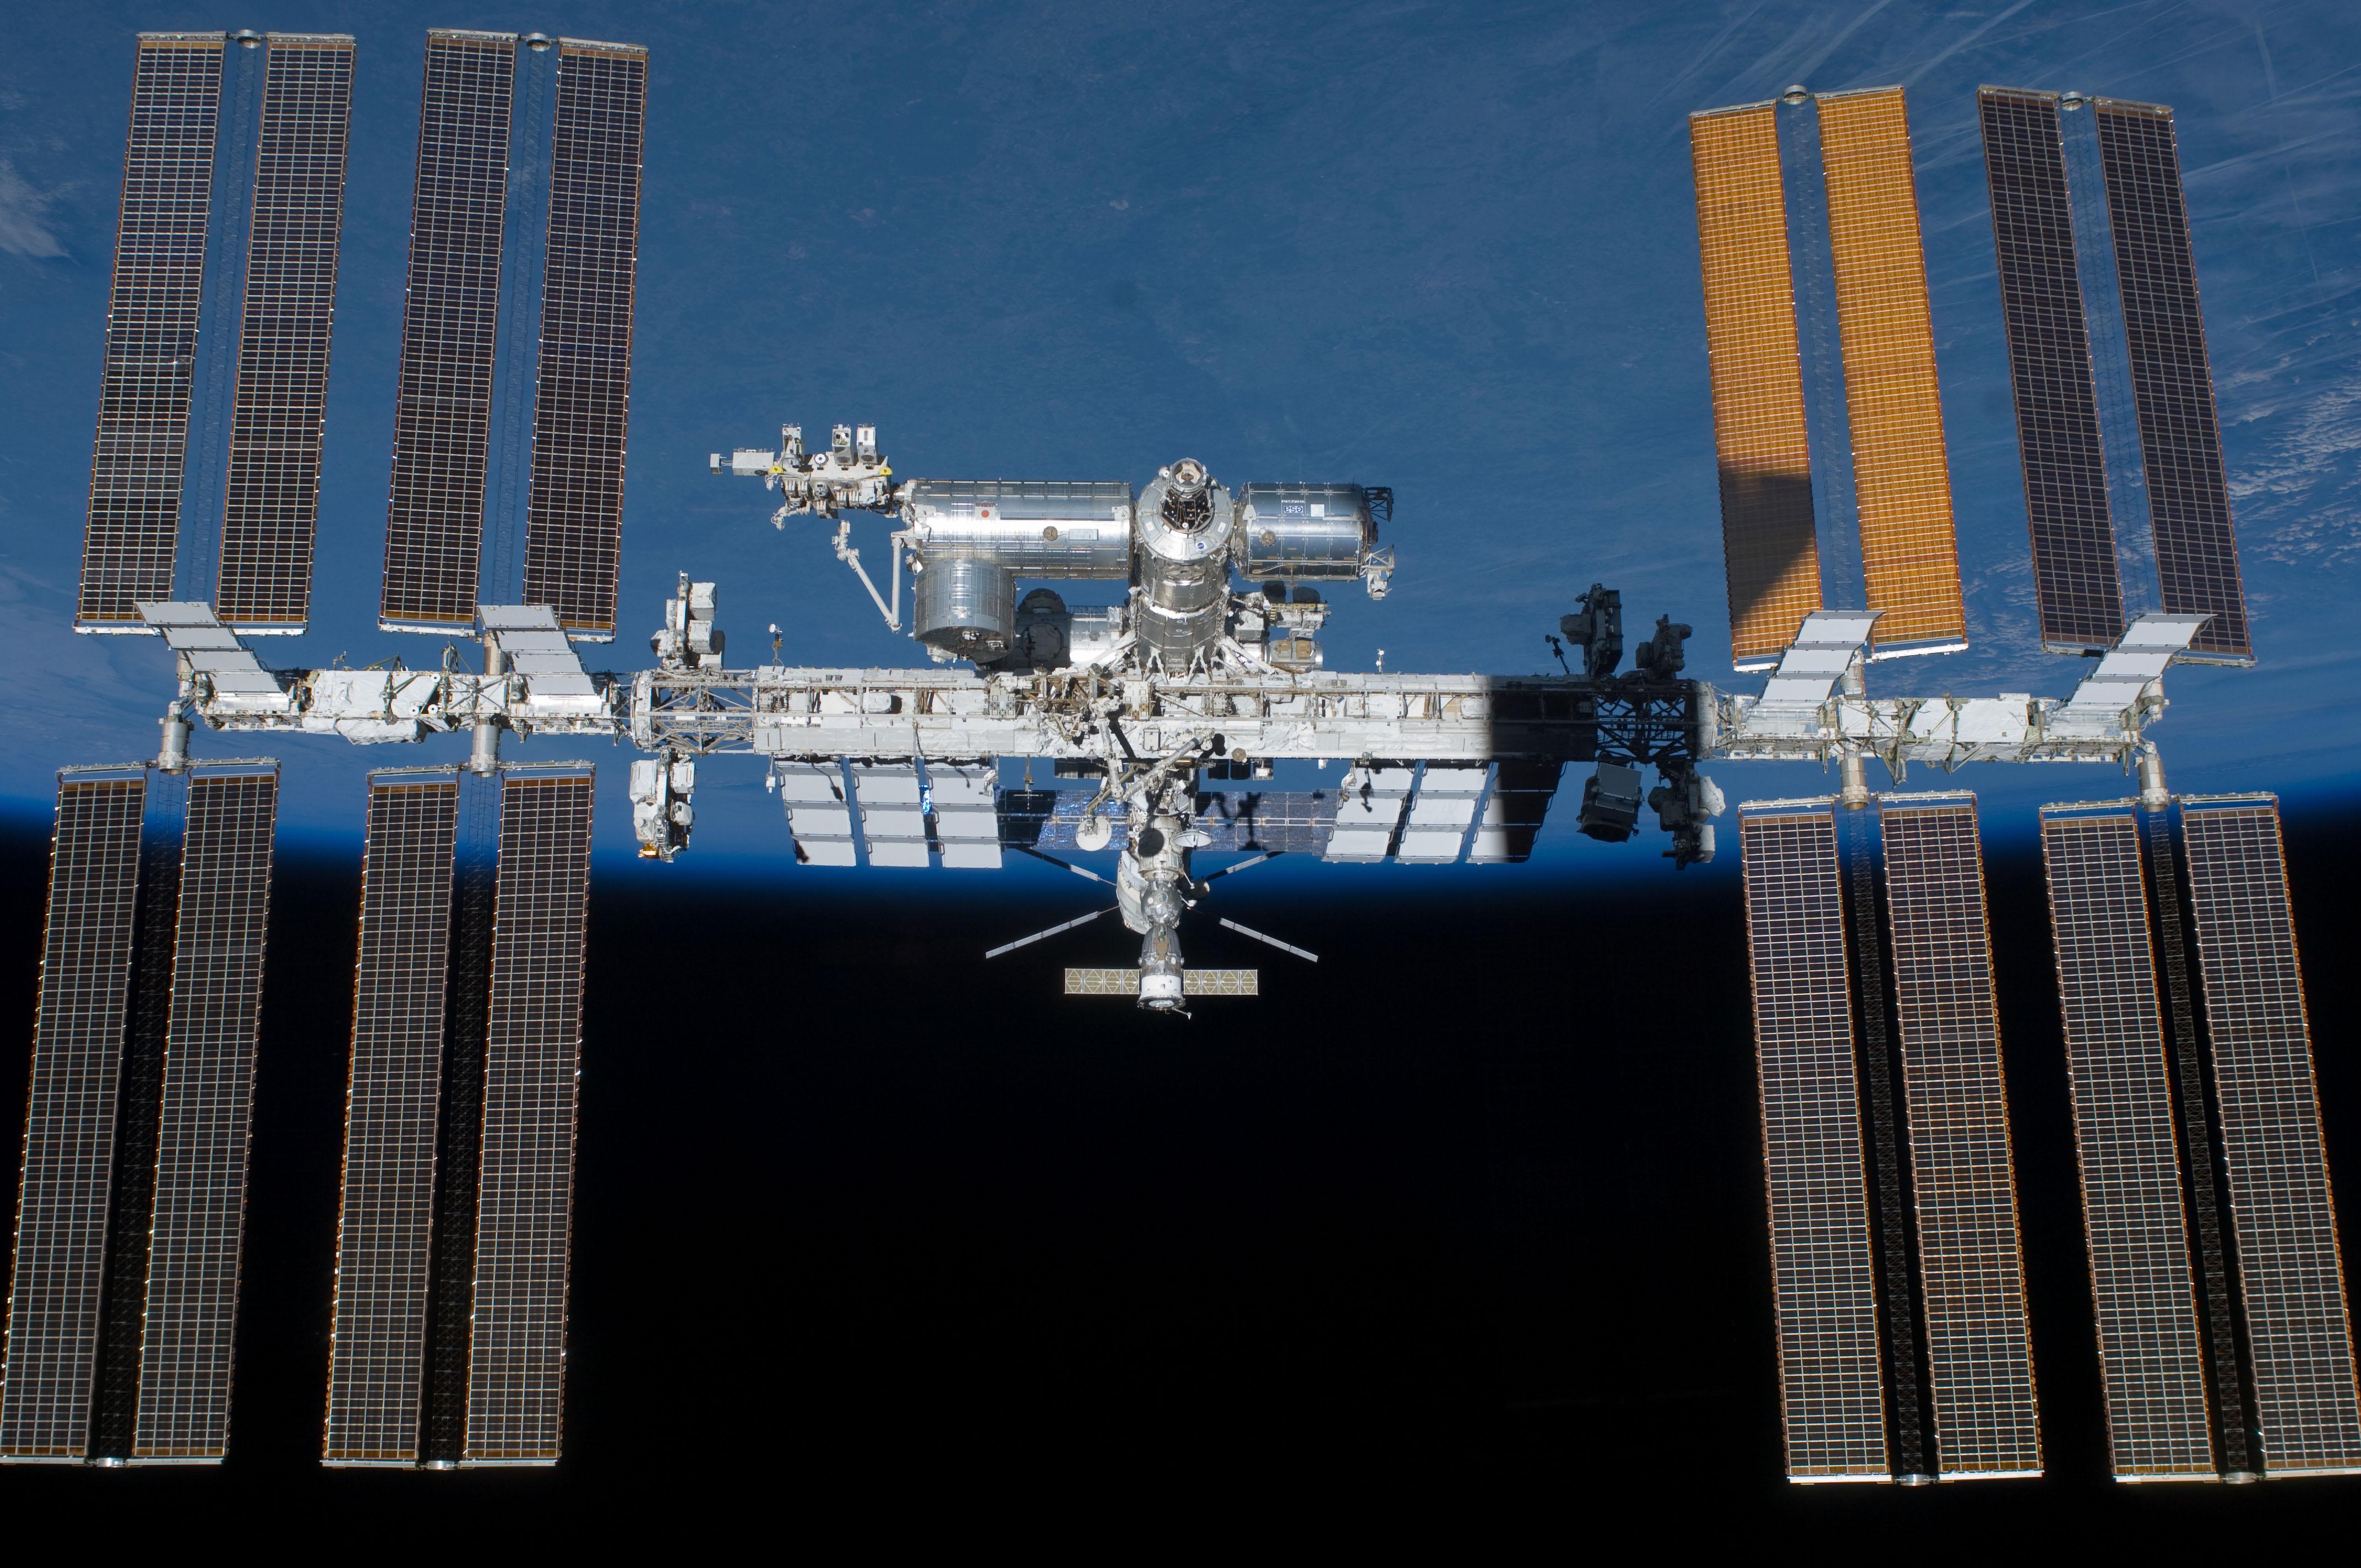 Новый состав экипажа для полета наМКС утвердят доконца месяца